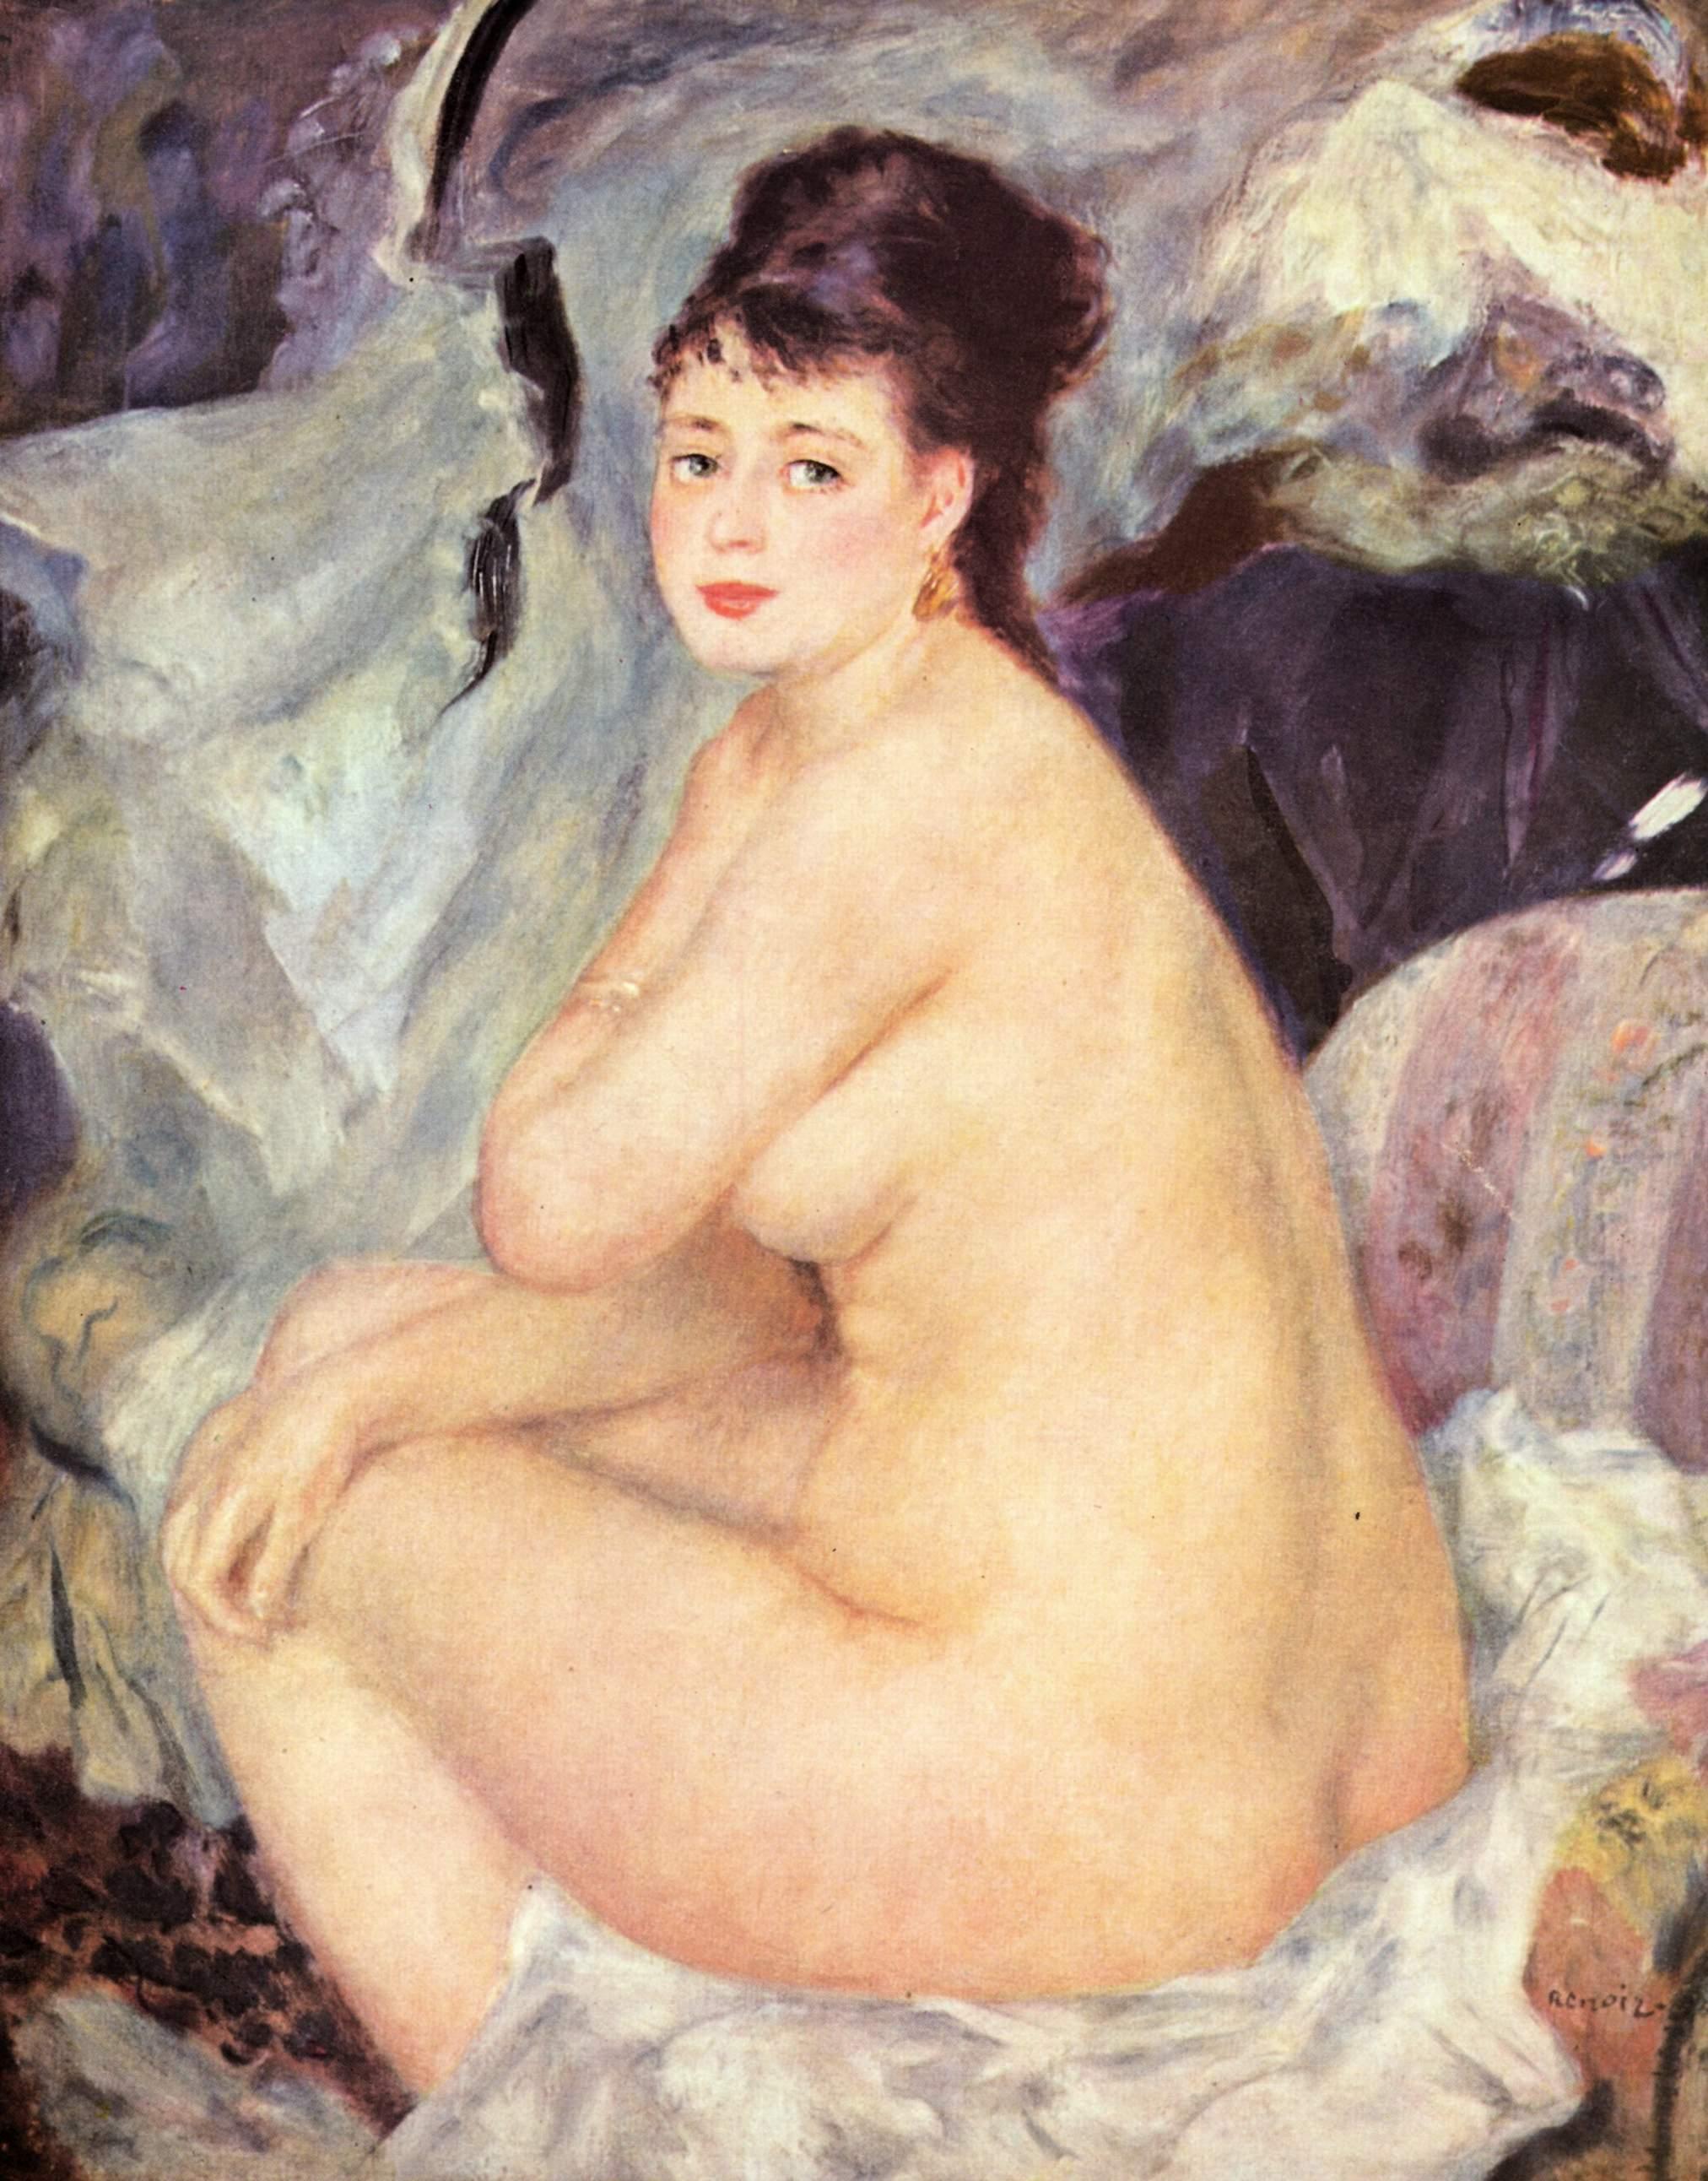 Художественная фотография обнажённых женщин фото 492-810